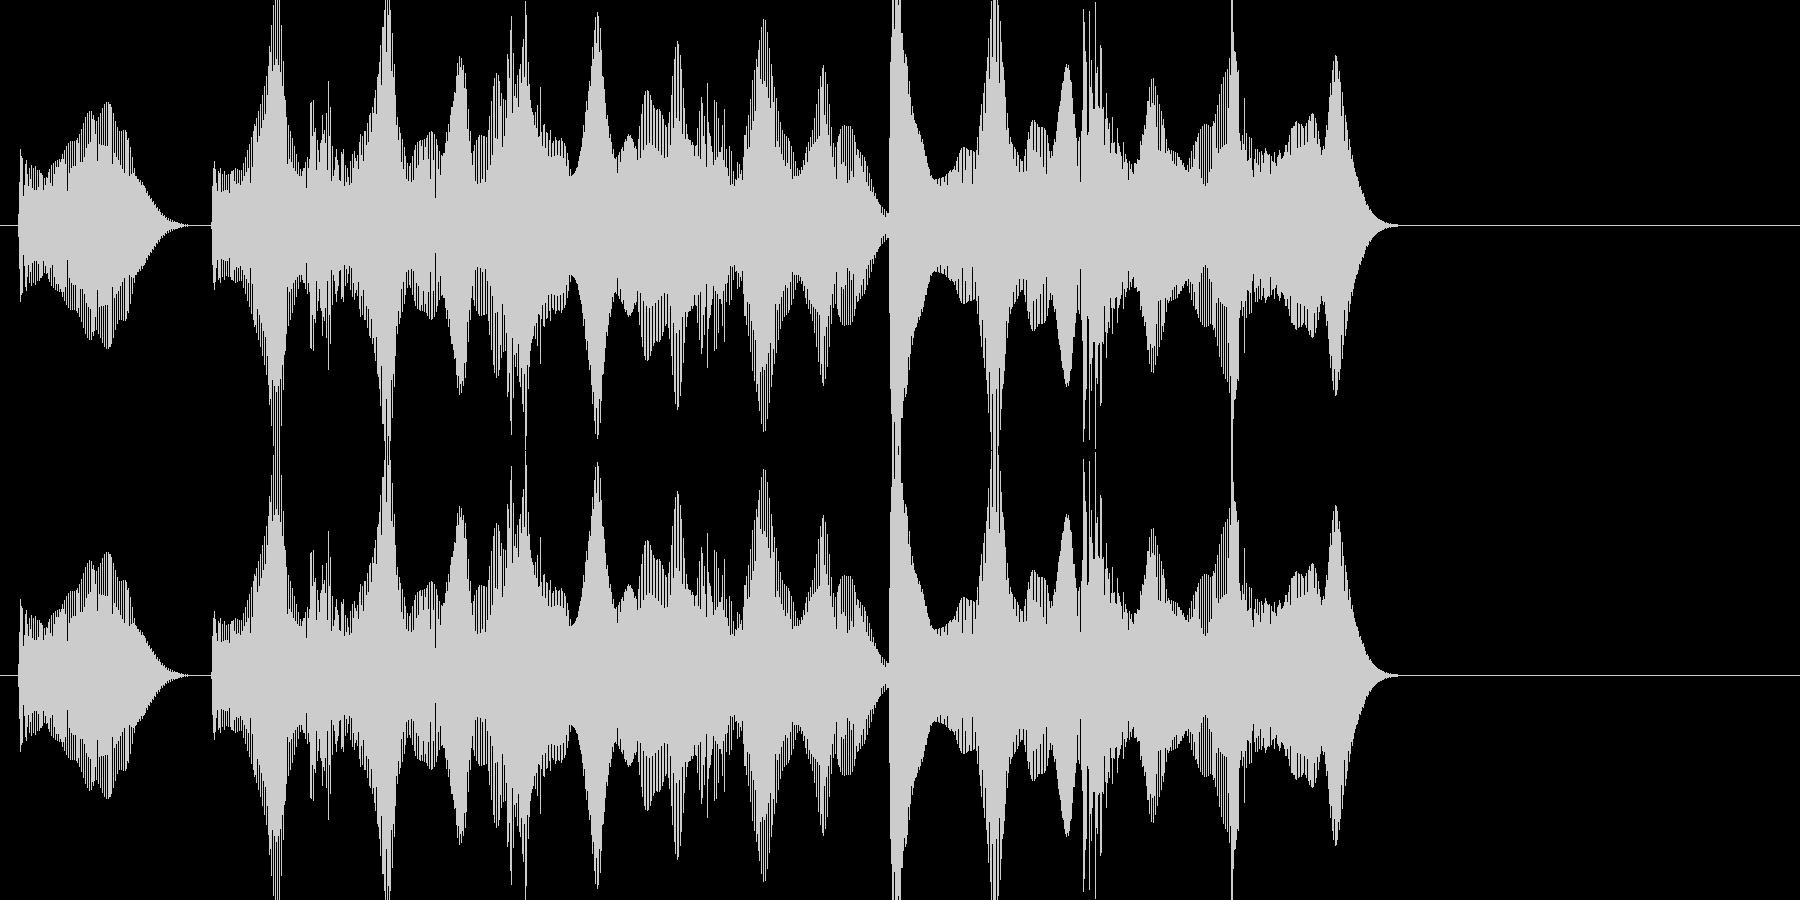 負けた時の残念な音03の未再生の波形